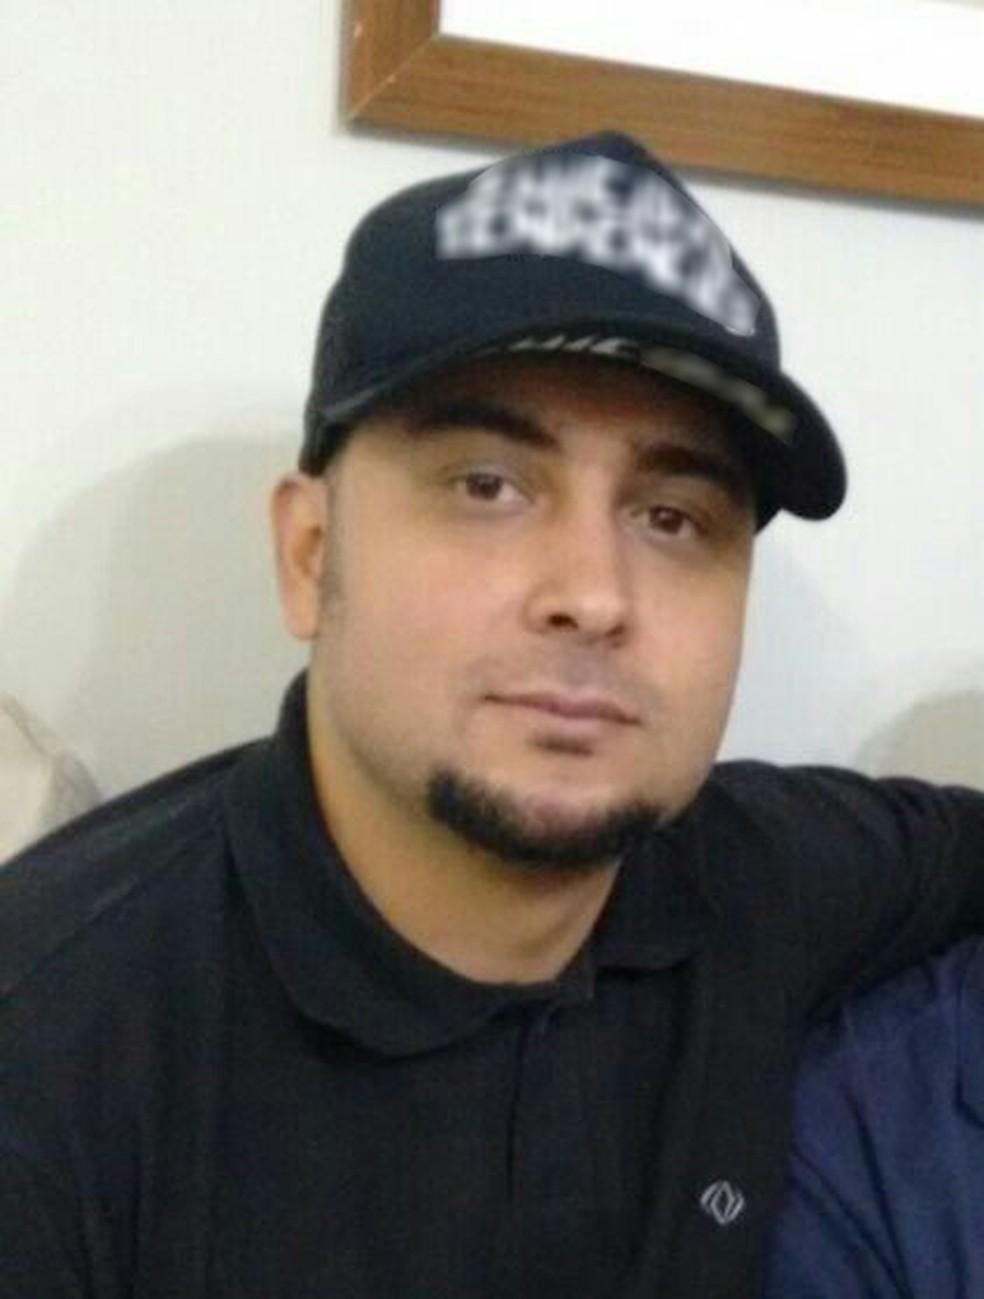 Polícia investiga desaparecimento de motorista da Uber em São José do Campos (Foto: Arquivo pessoal)